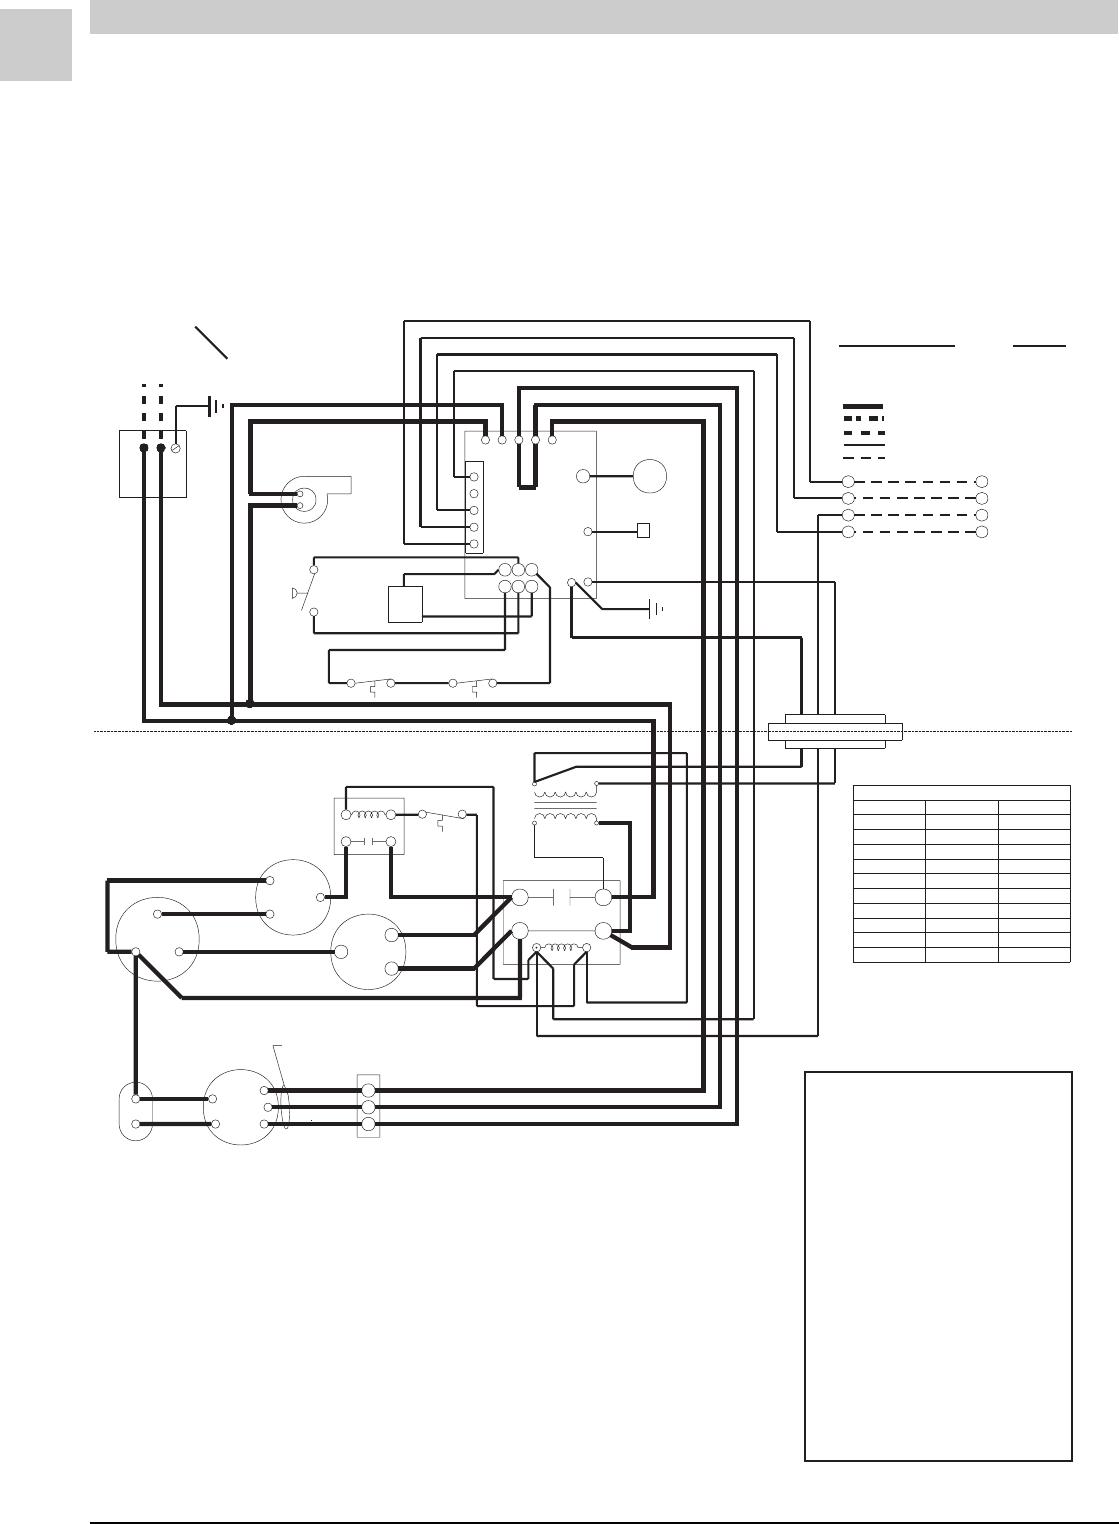 magic bullet user manual pdf